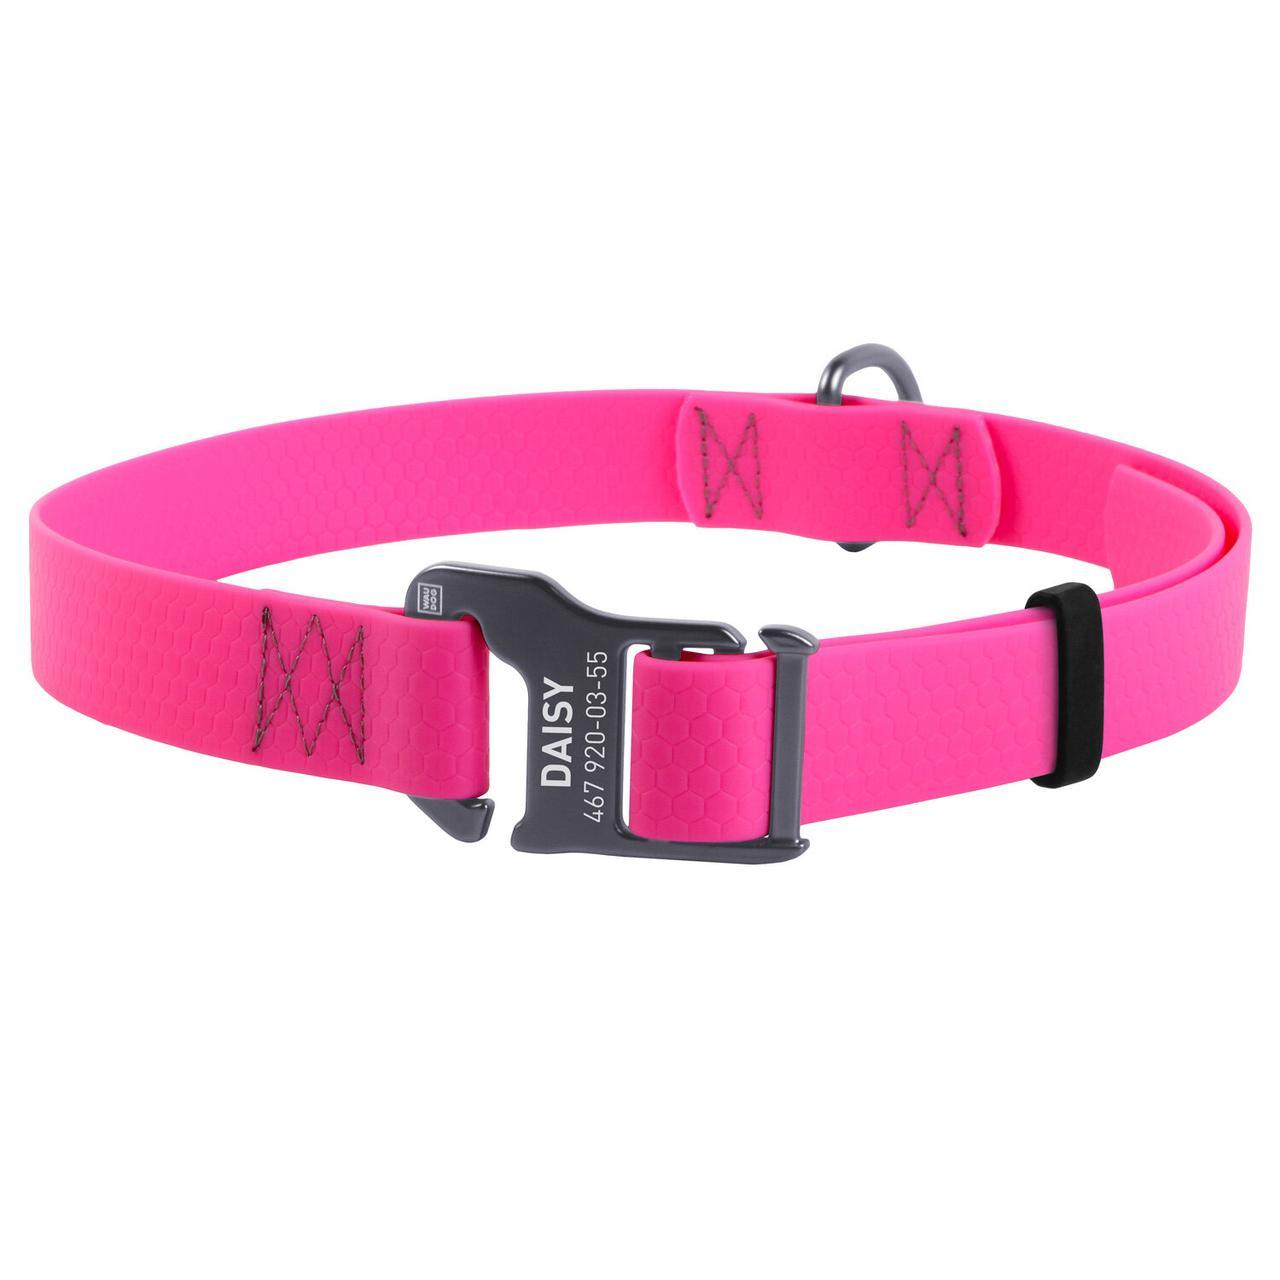 Нашийник Waudog 25-50 см 20 мм з водовідштовхувального матеріалу рожевий (Ваудог) для собак